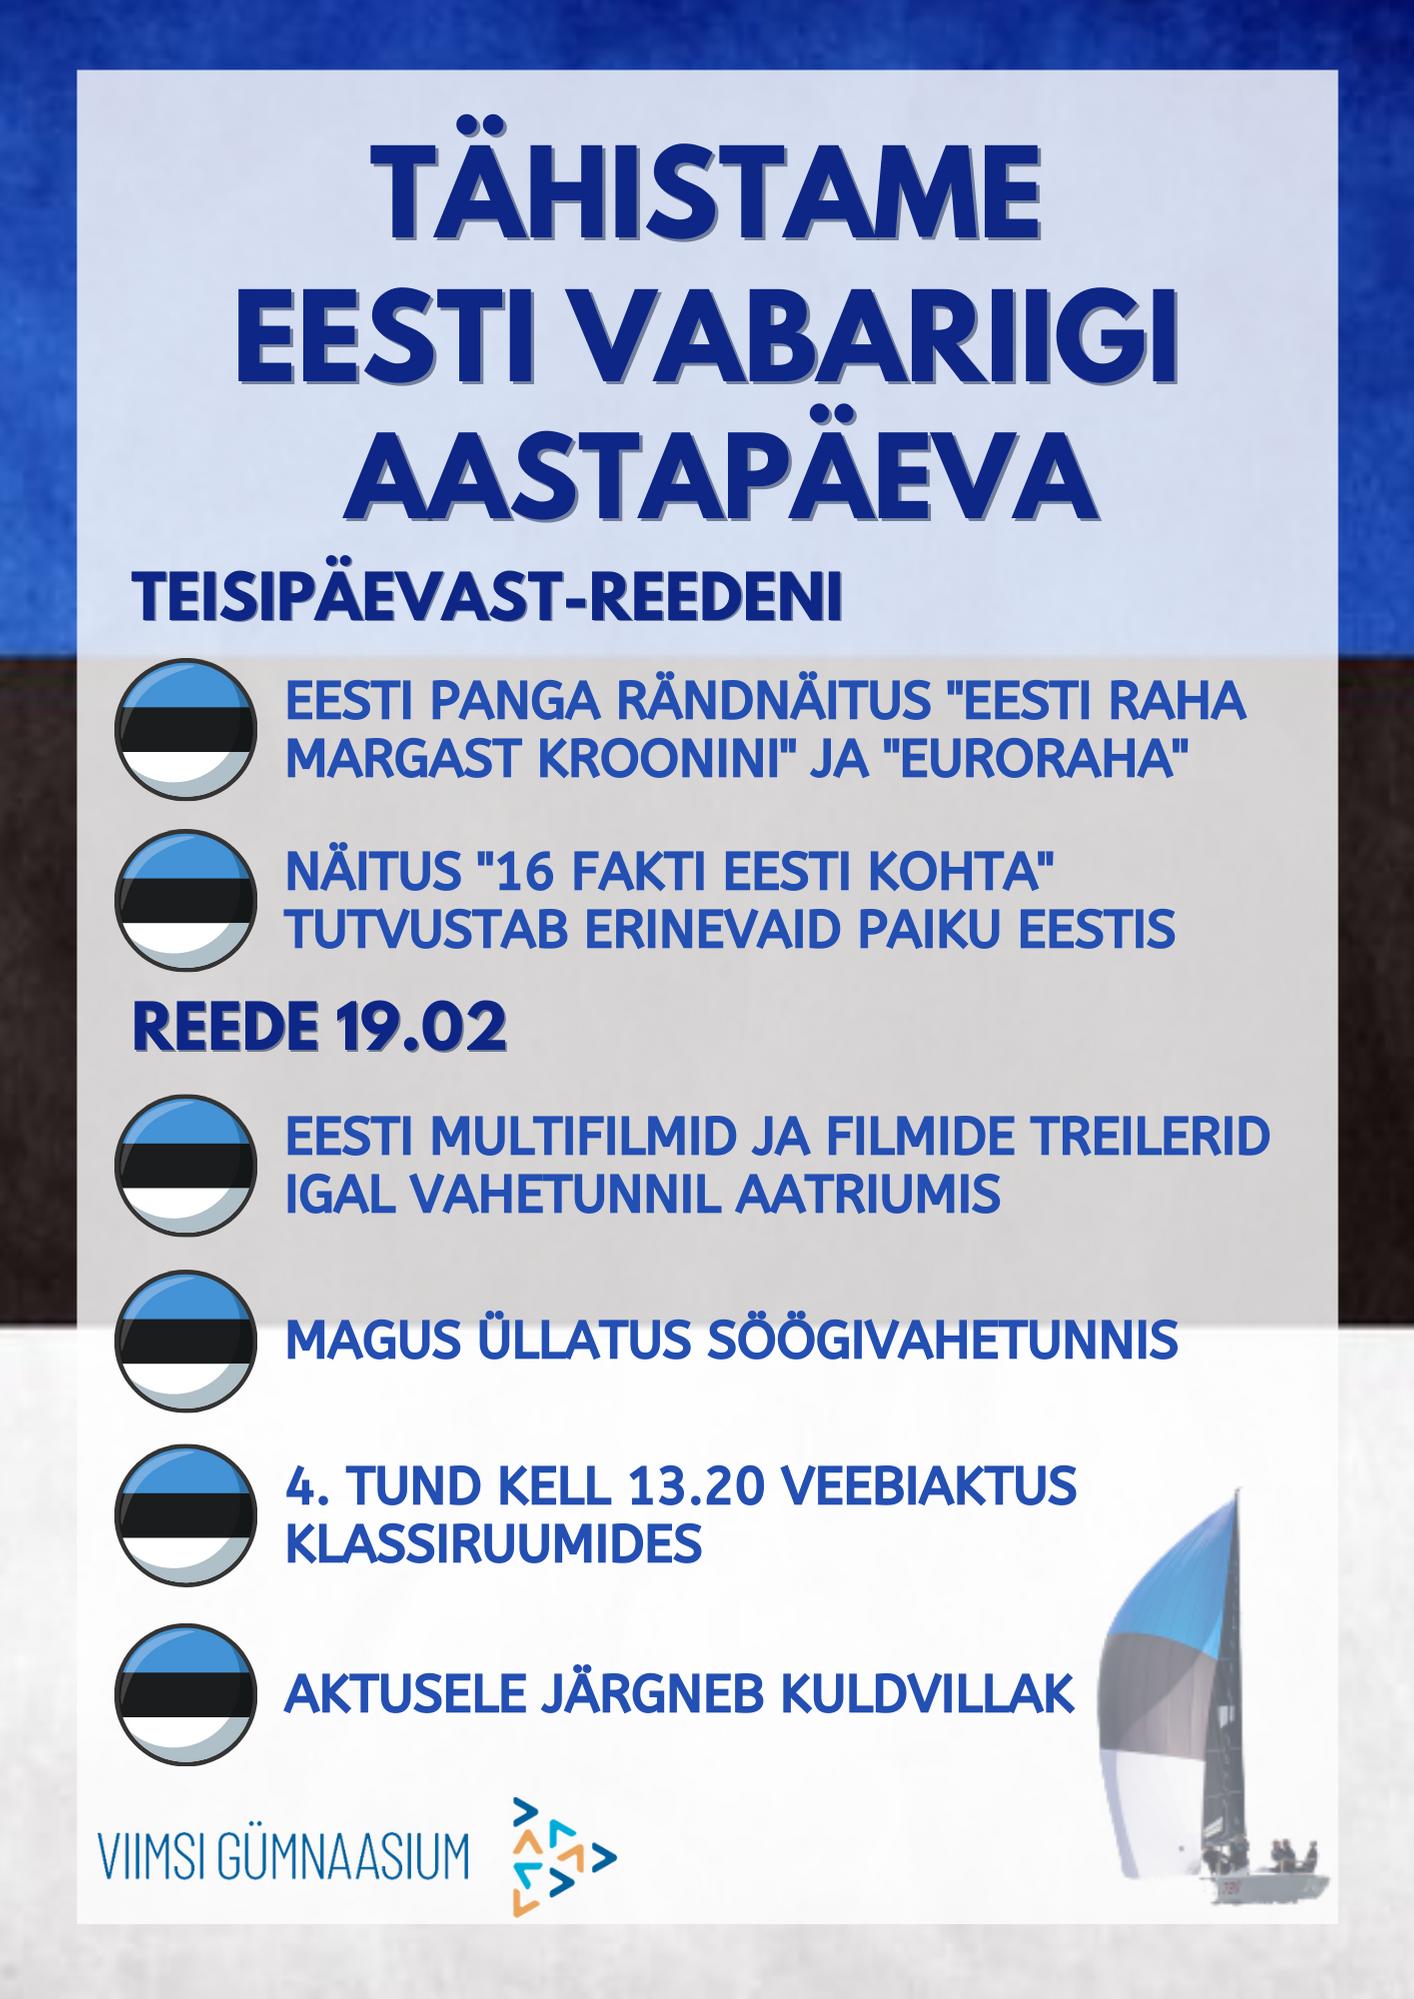 Palju õnne, armas Eesti!